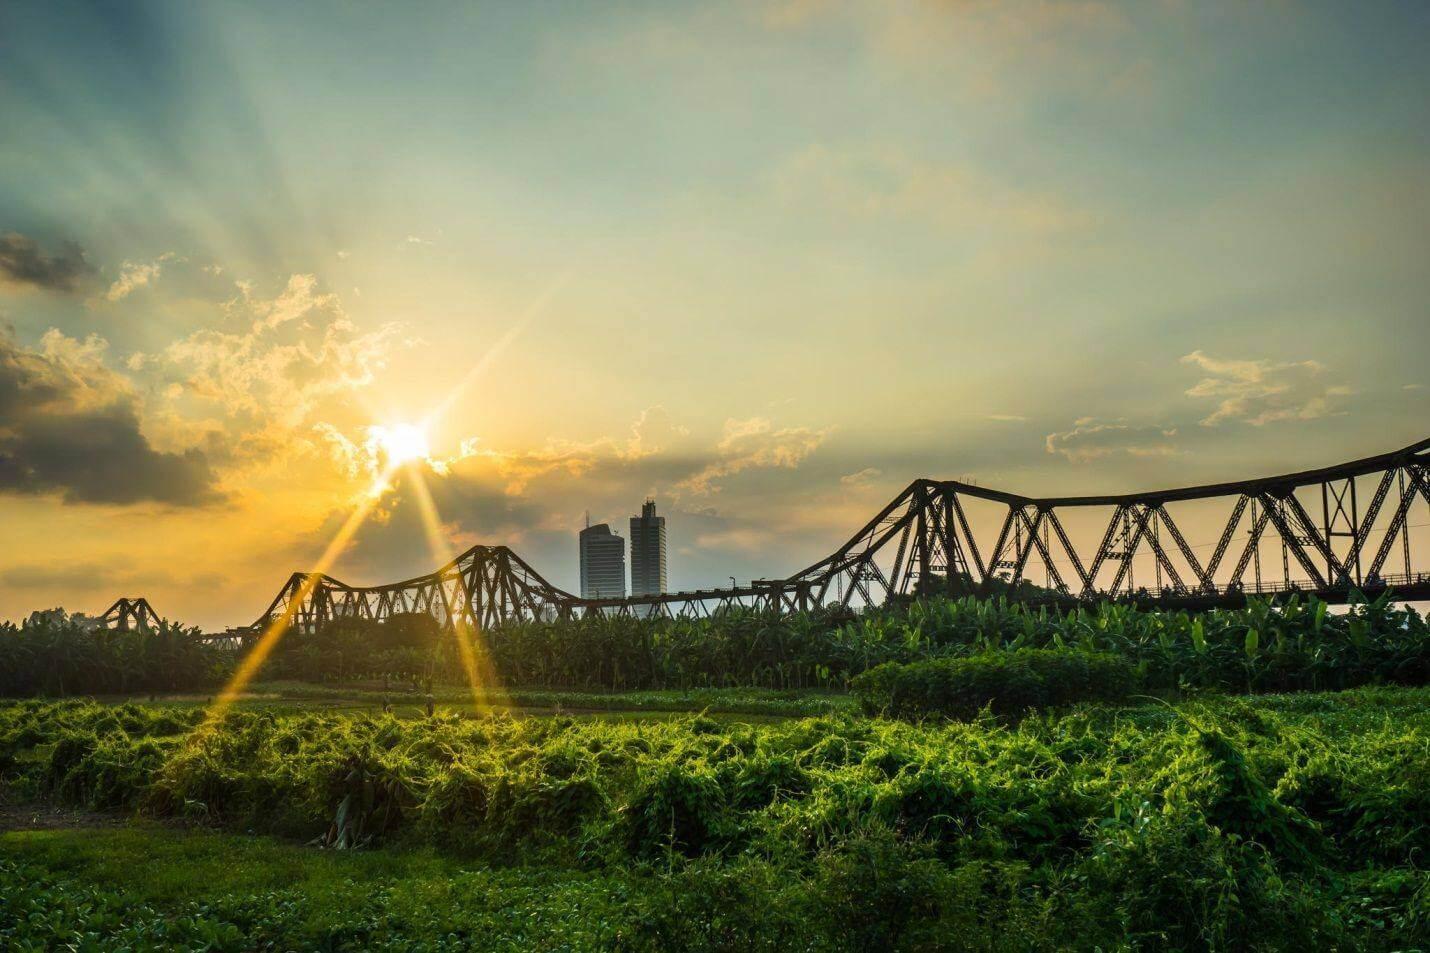 Cầu Long Biên ở đâu?